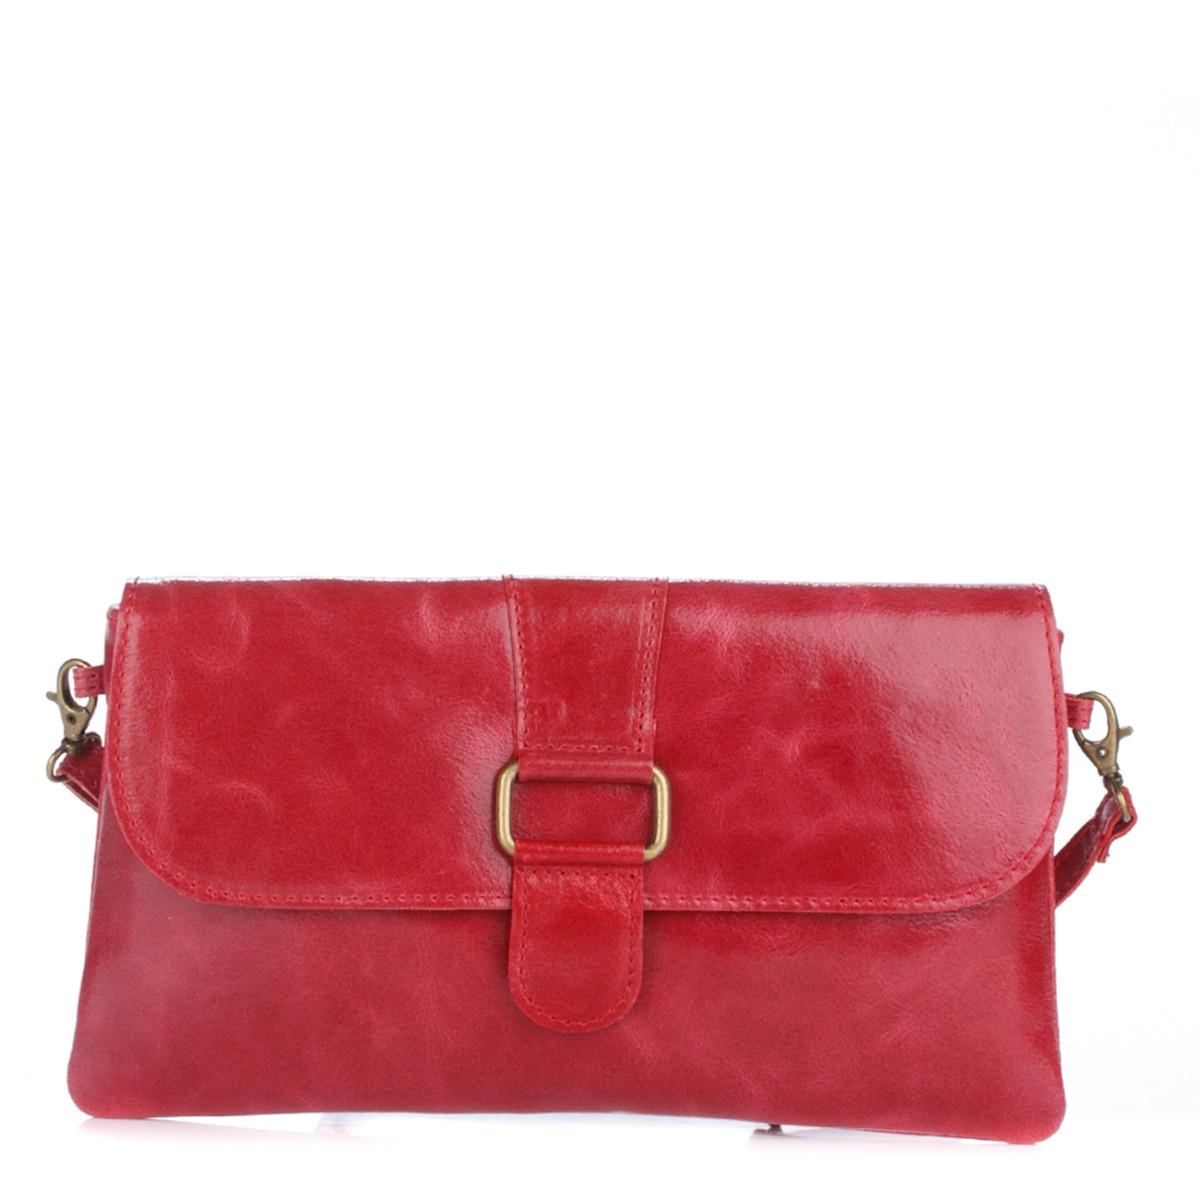 Женский кожаный клатч 1299 красного цвета Италия